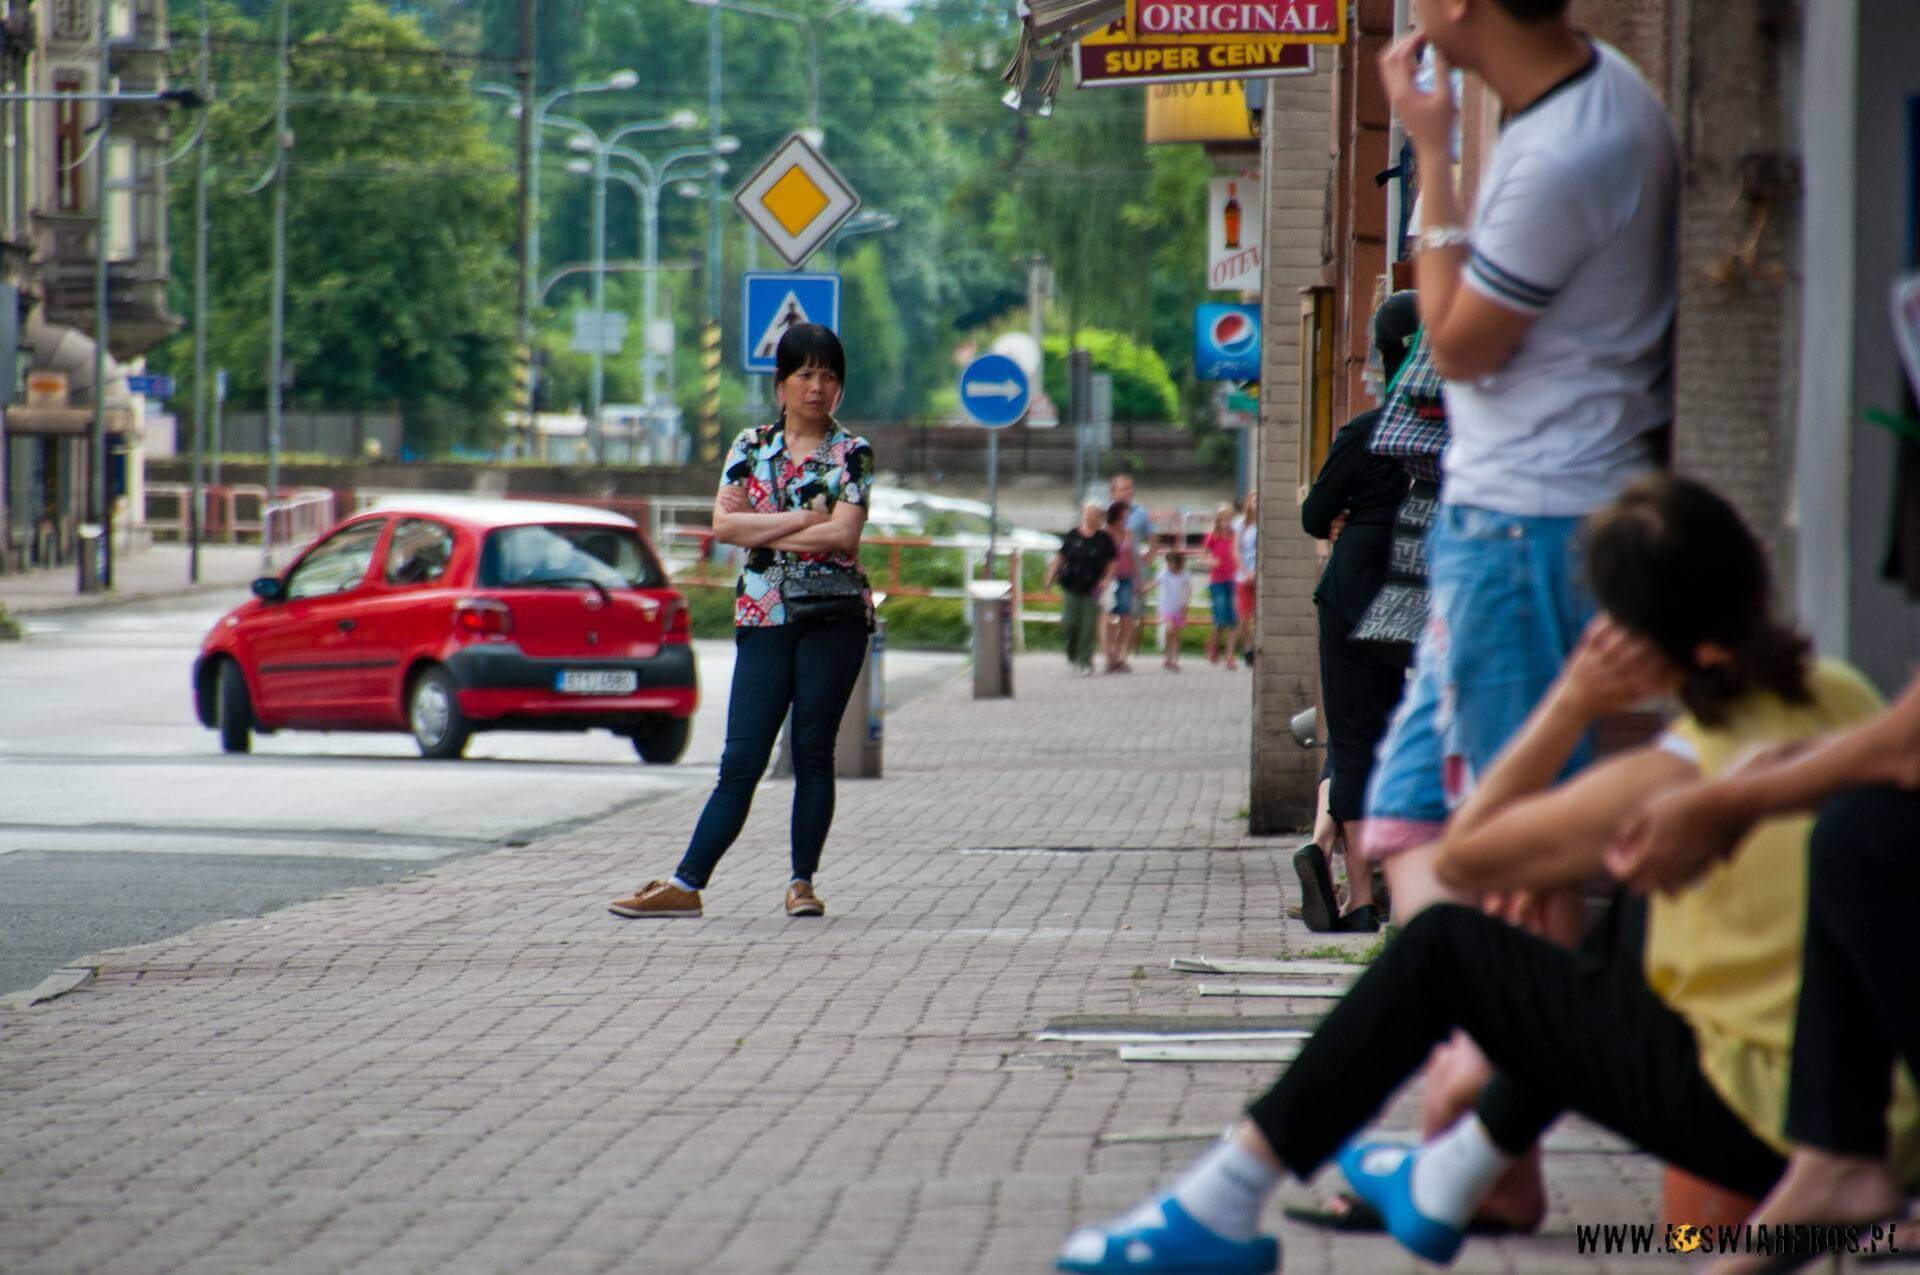 Idąc ulicami czeskiego Cieszyna ma się wrażenie, że jest się w Azji, gdyż większość sklepów prowadzą Wietnamczycy. [f/6.3, 250mm]